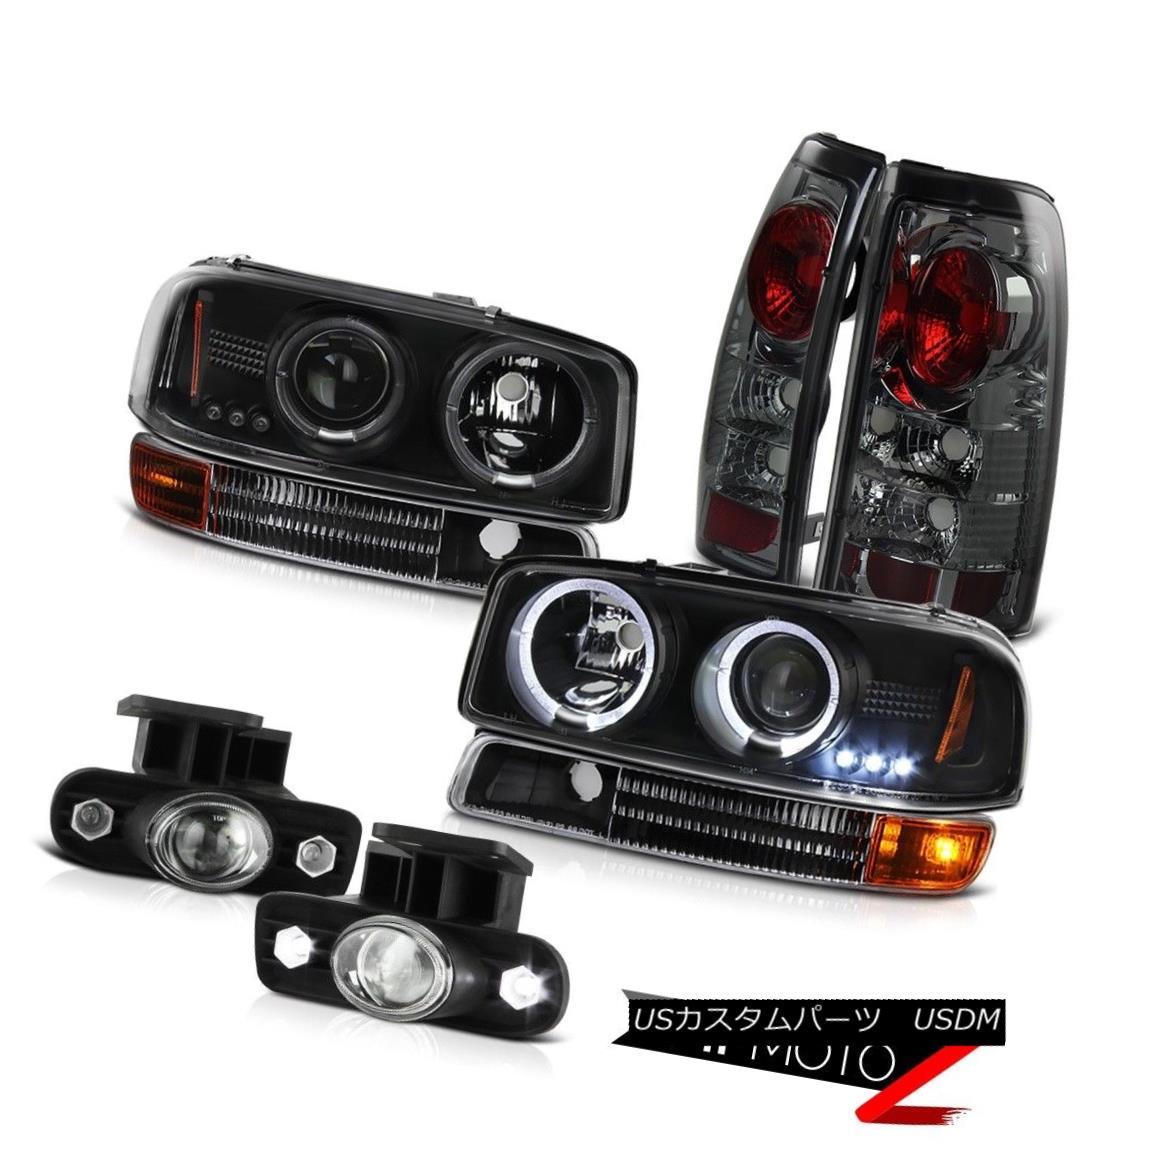 テールライト 99-03 Sierra 5.3L Black Halo LED Headlights Brake Lamp Tail Projector Bumper Fog 99-03 Sierra 5.3LブラックハローLEDヘッドライトブレーキランプテールプロジェクターバンパーフォグ